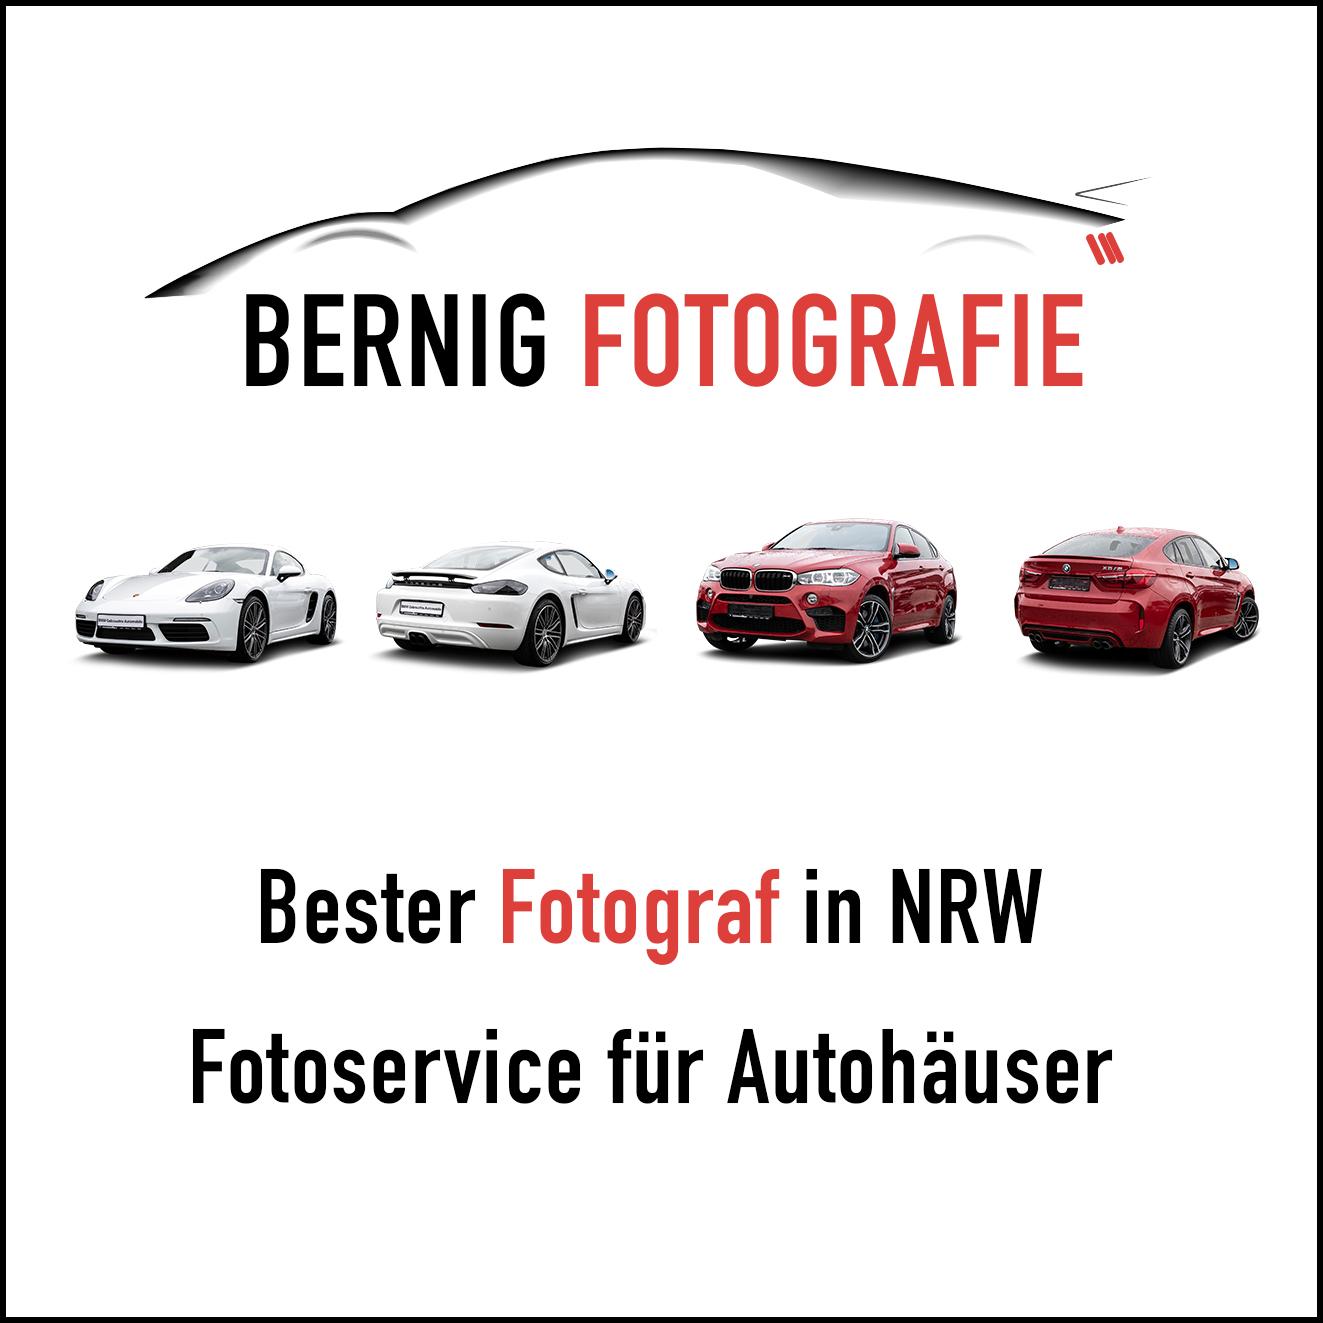 Bernig Fotografie Fotoservice Autohaus Fahrzeugfotografie NRW Autohäuser Fotos Autos Fahrzeuge Details Beste Qualität